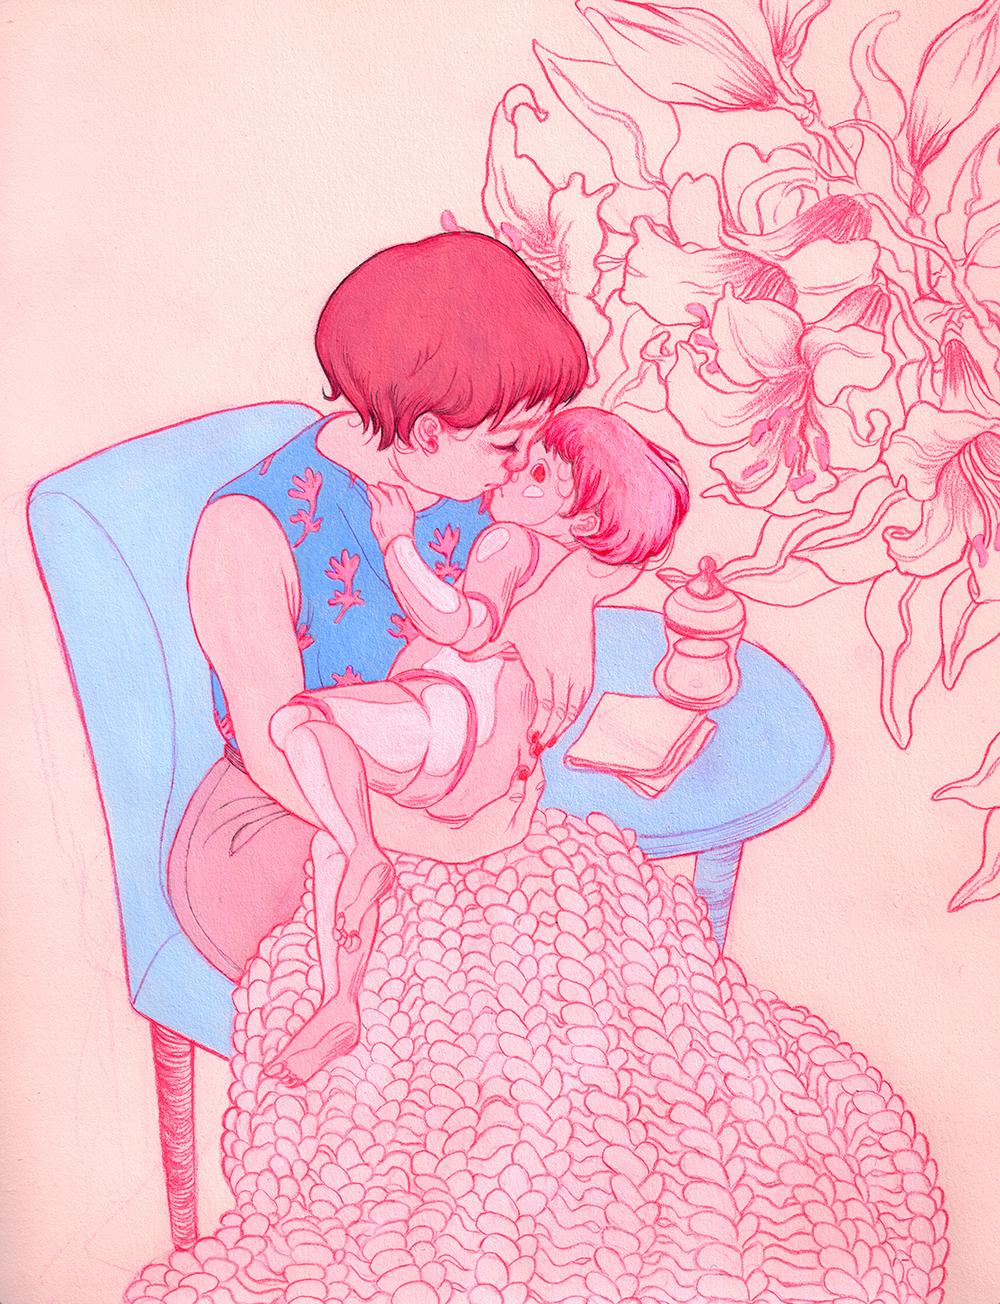 A Mother's Kiss (after Mary Cassatt)